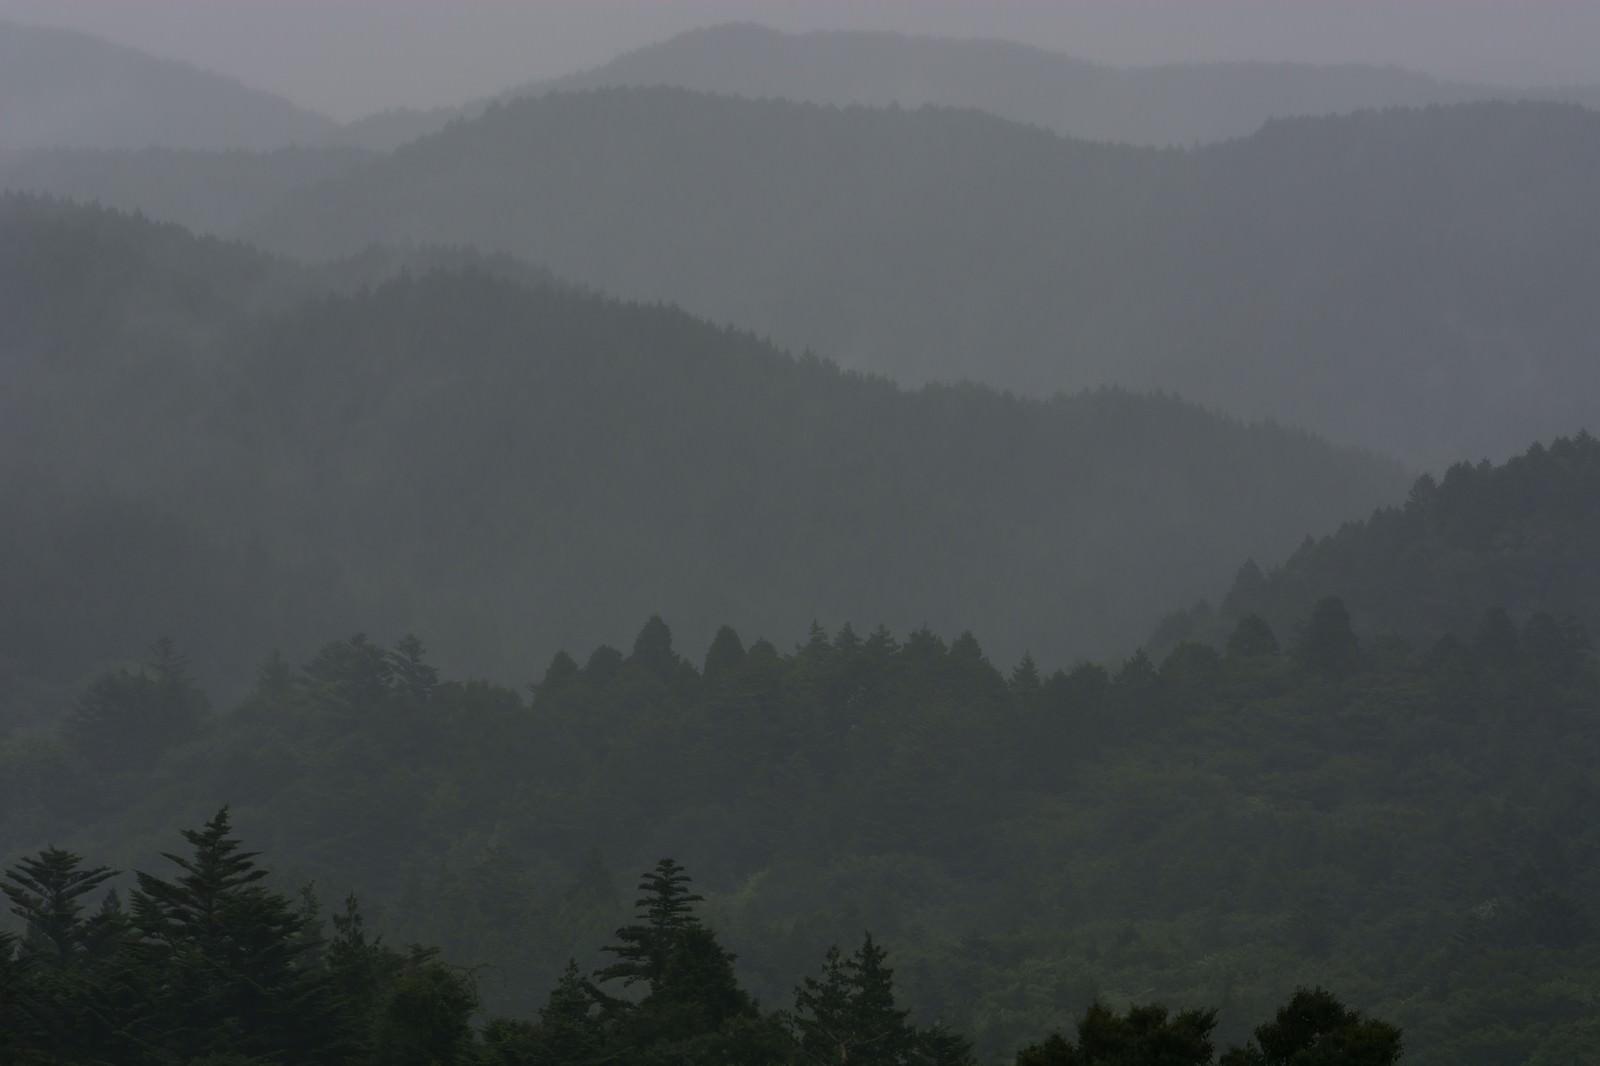 「雨に煙る山並み雨に煙る山並み」のフリー写真素材を拡大